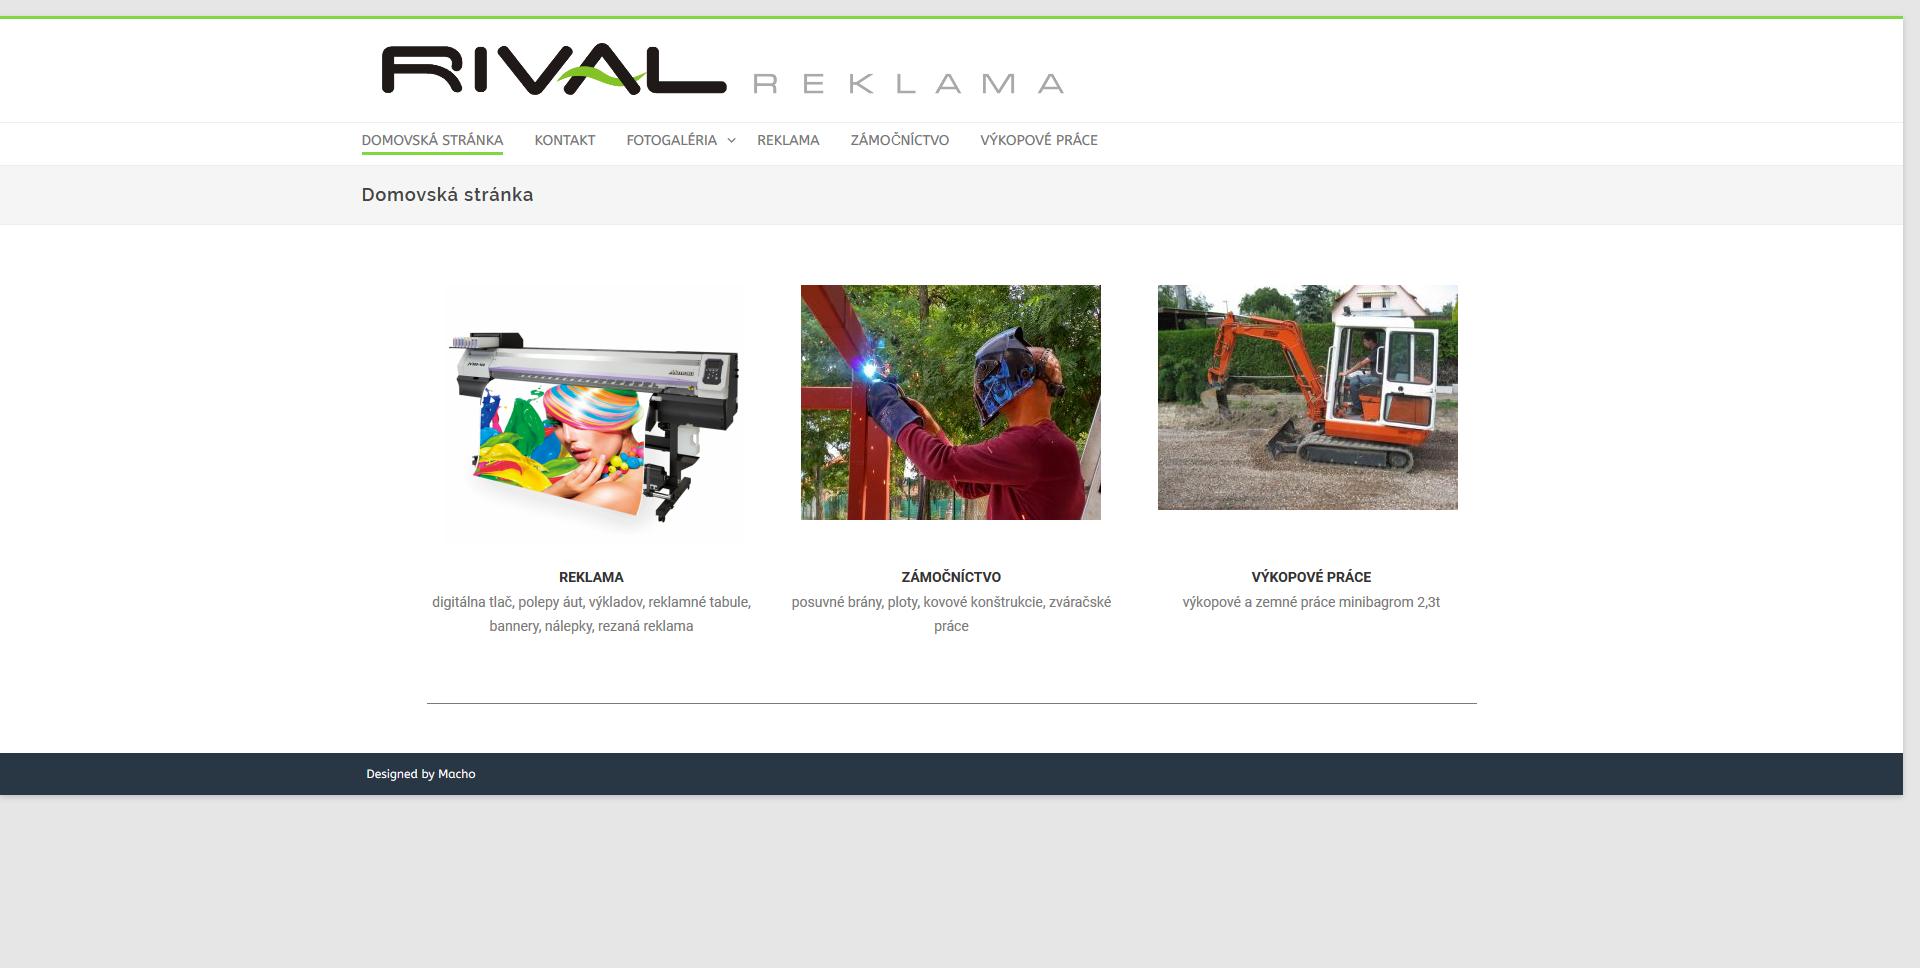 Screenshot-2018-2-22_domovská_stránka_-_reklamná_firma_rival(1)